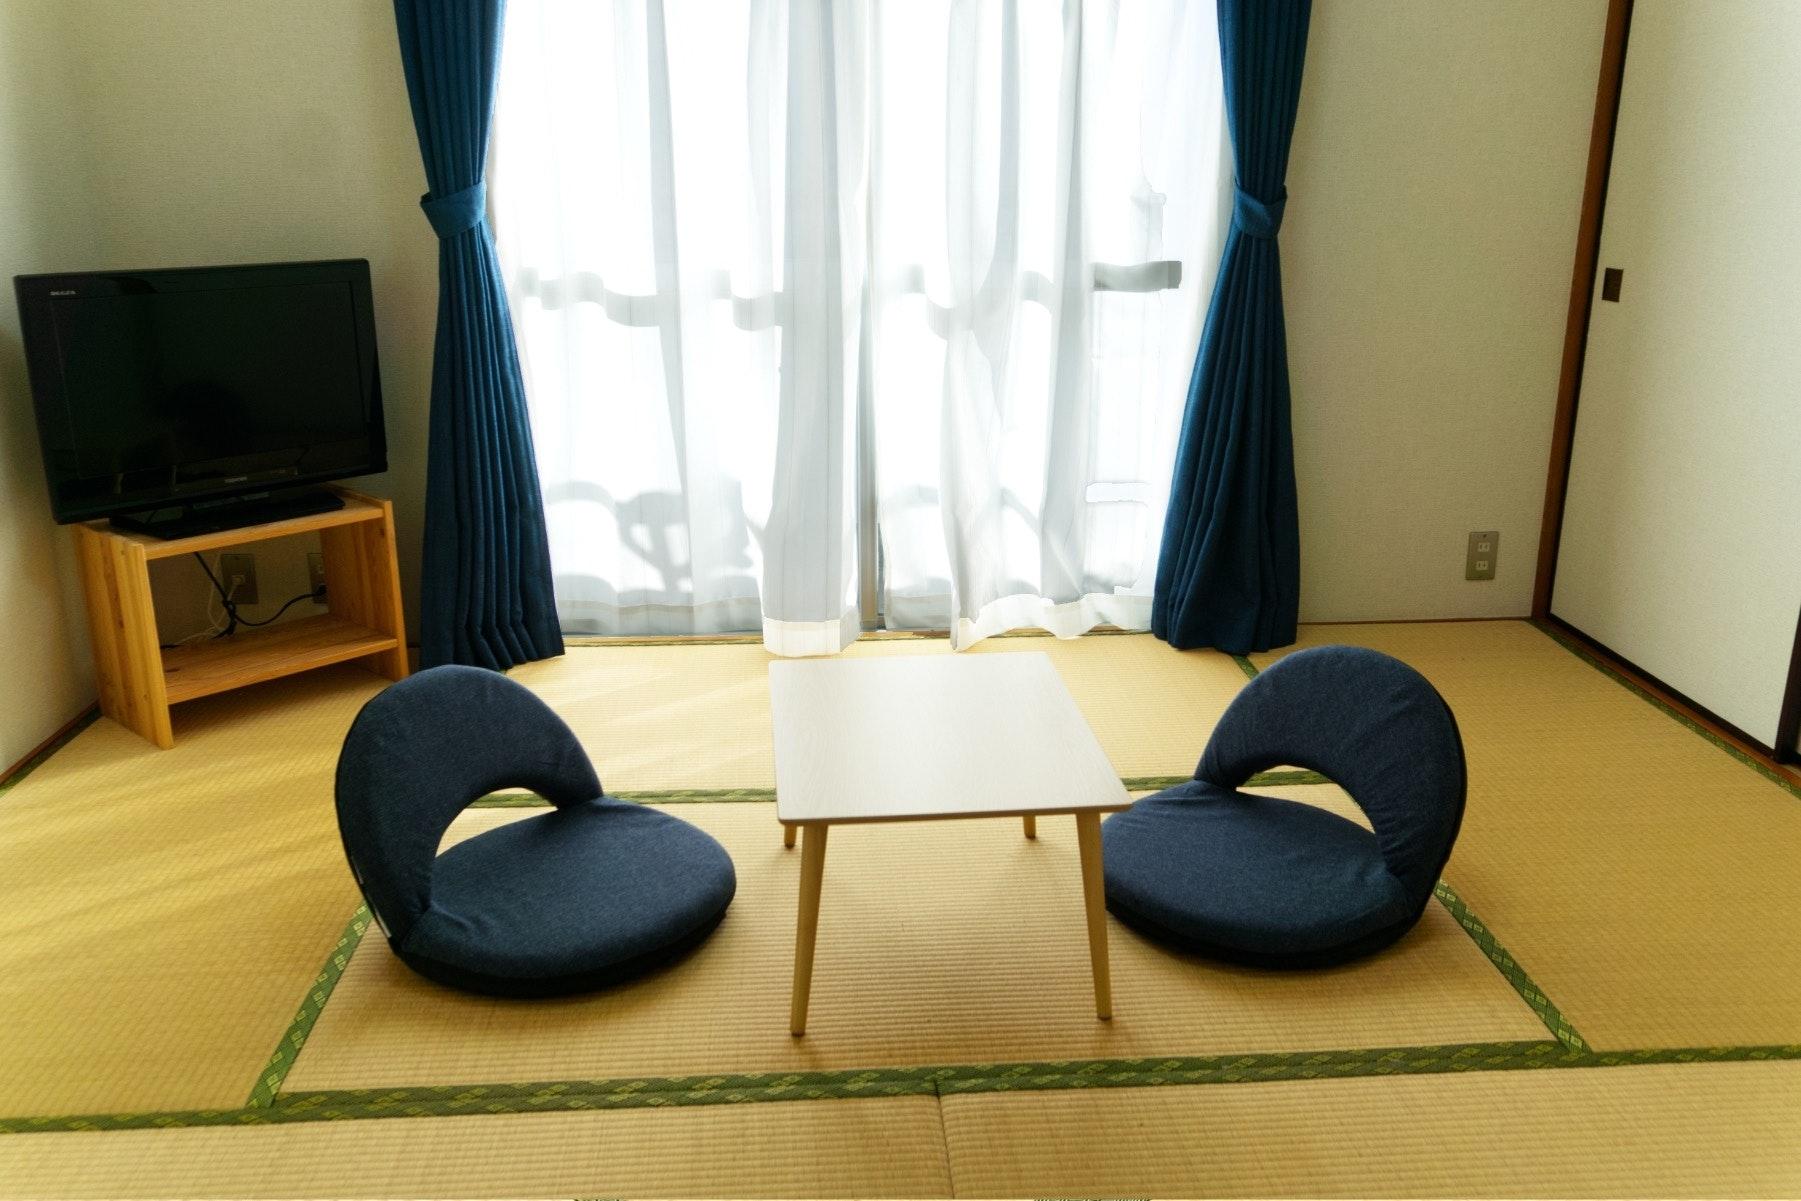 【305】 繁華街すぐの好立地★WiFi完備★畳のお部屋でゆっくり過ごせる★ビジネス・観光に最適